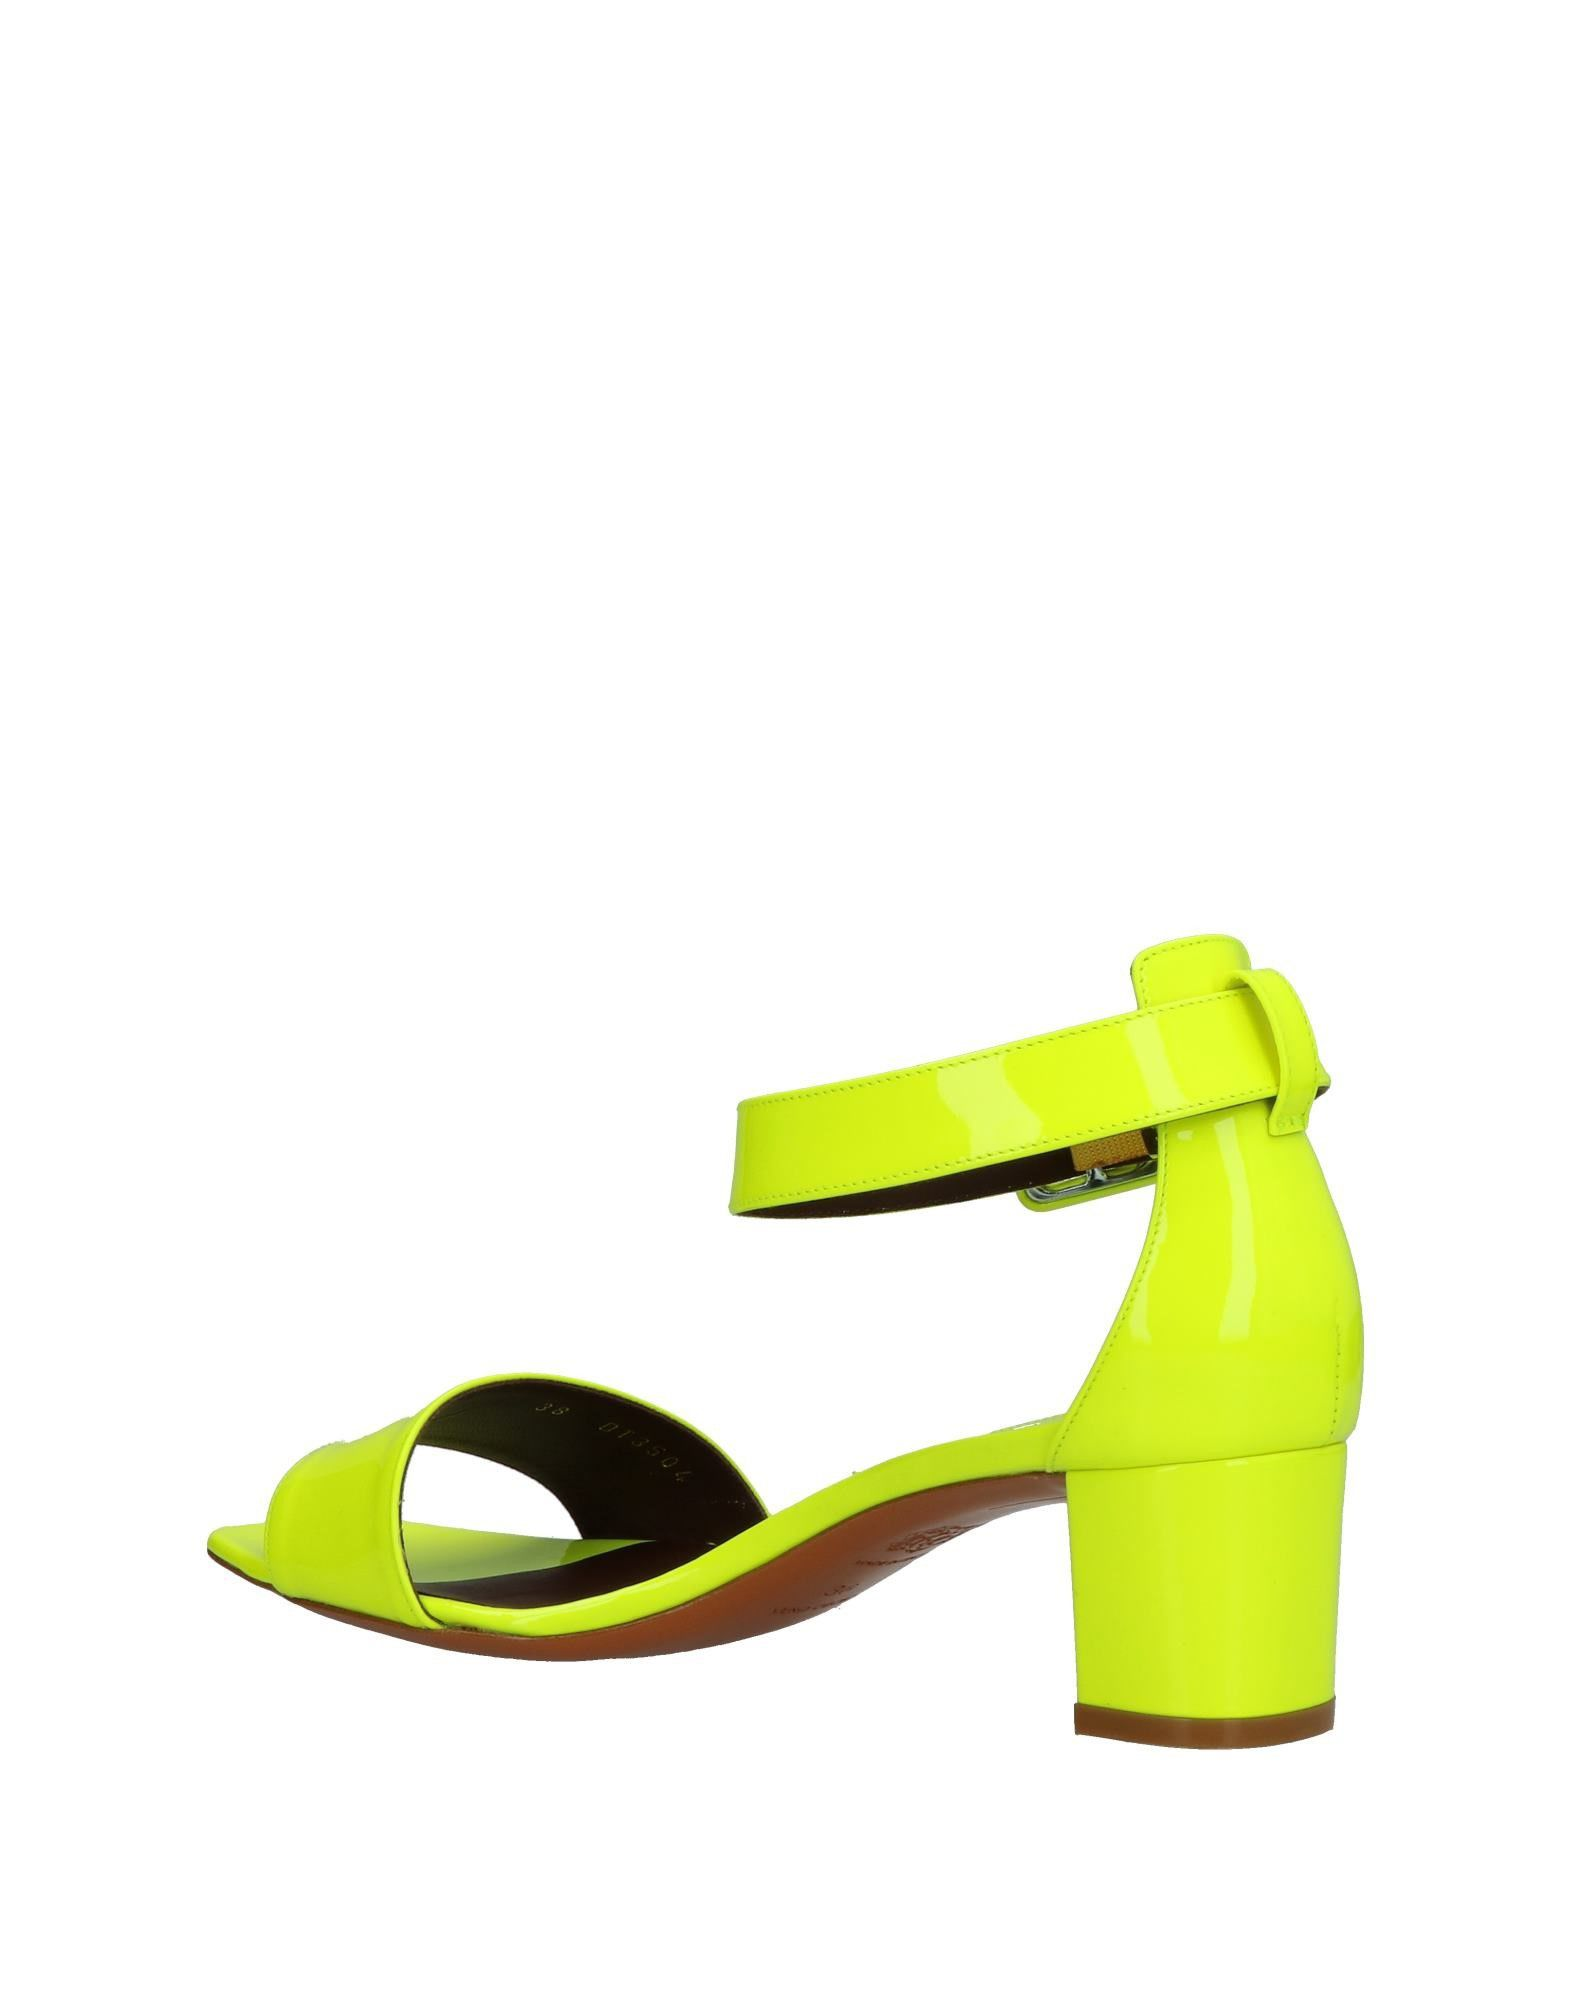 Stilvolle billige Schuhe Damen Bruno Magli Sandalen Damen Schuhe  11333124DQ c9a40b